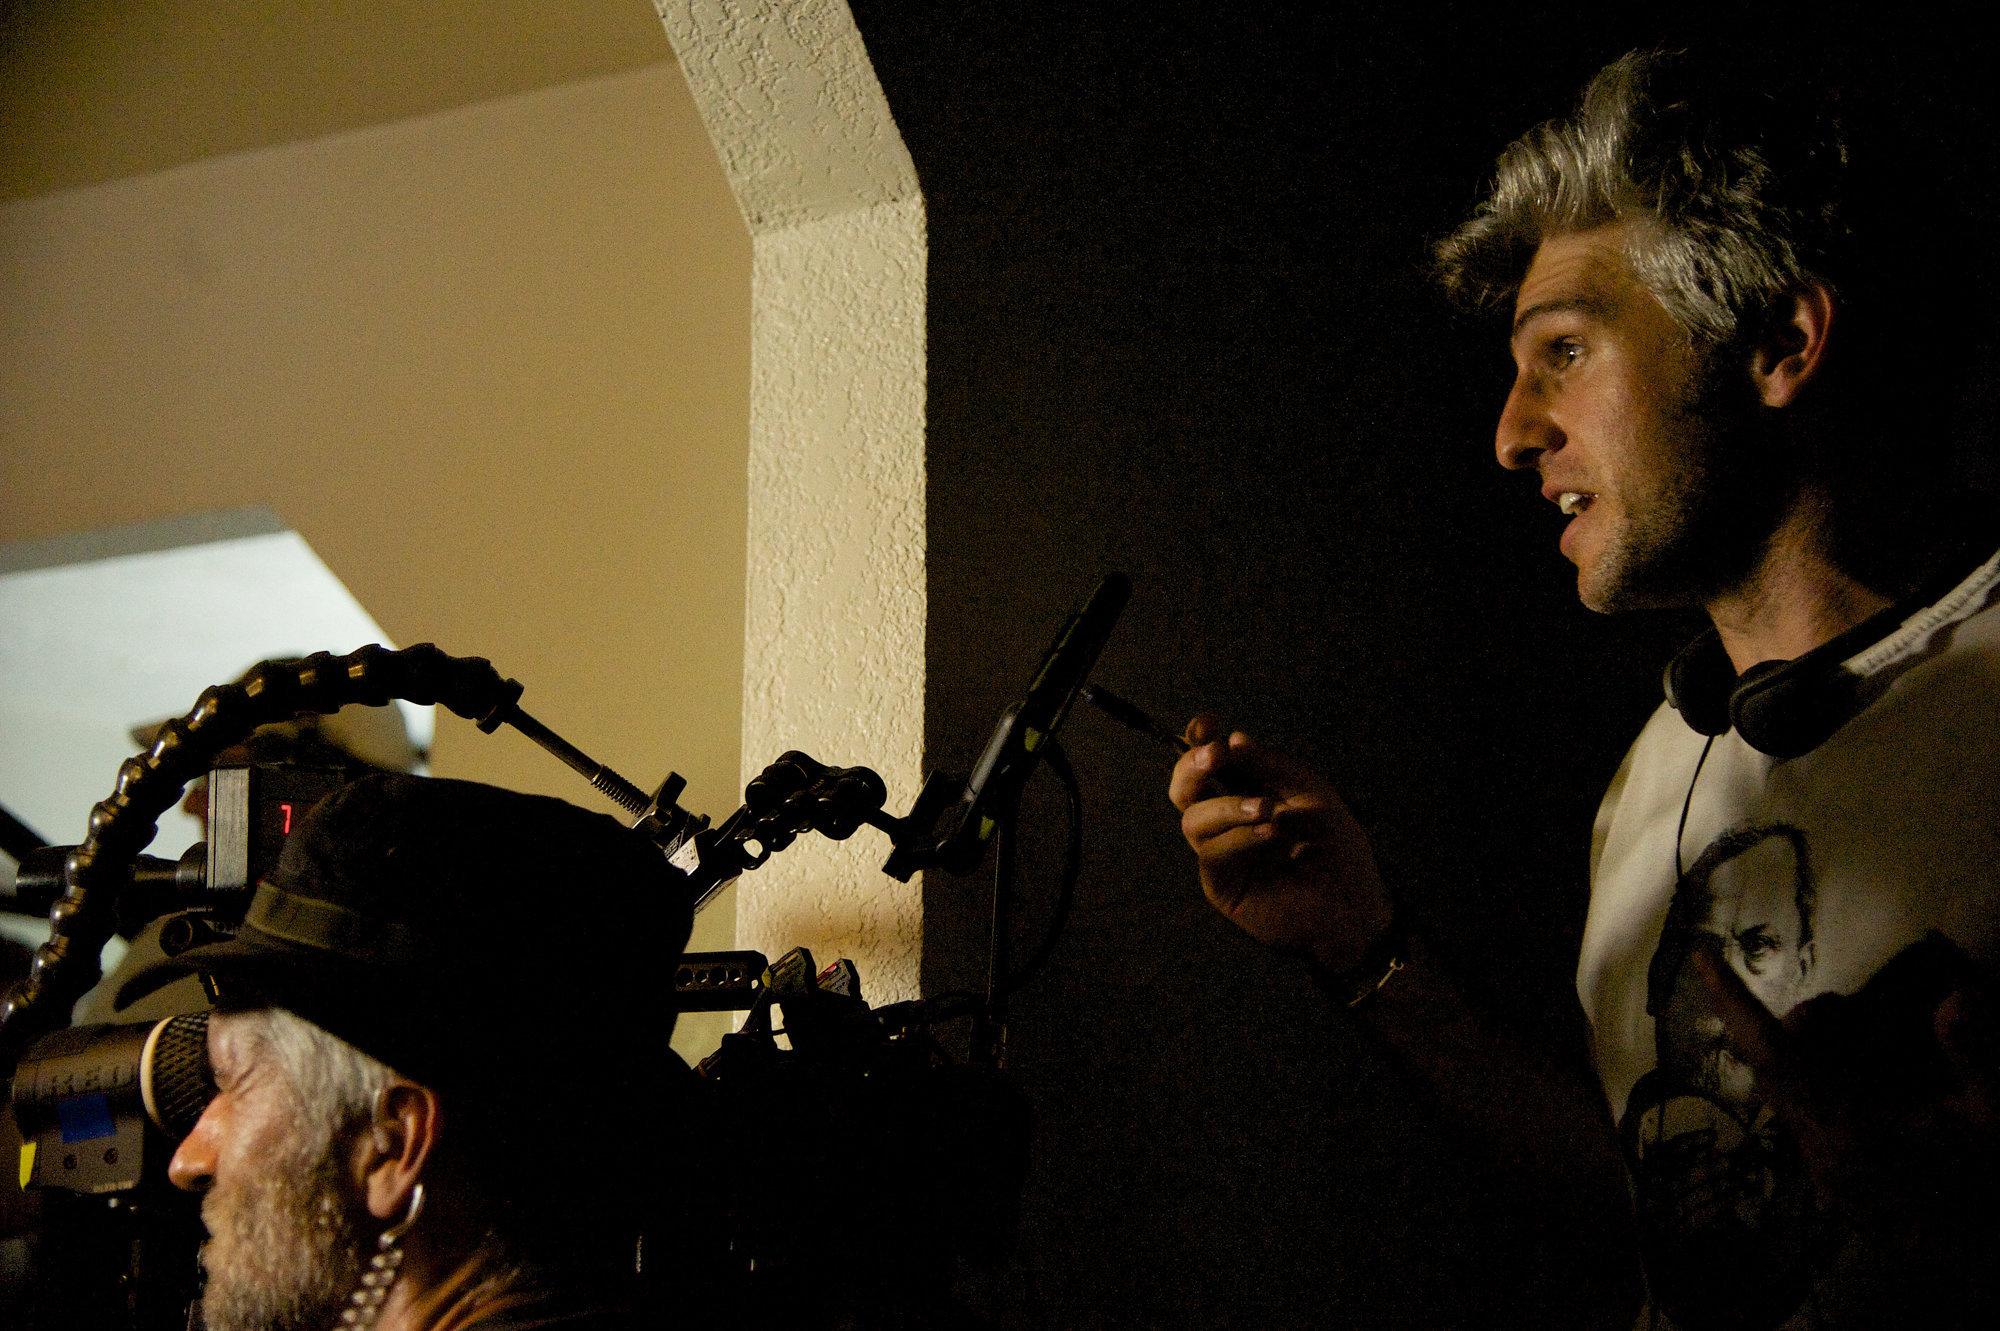 Director Max Joseph